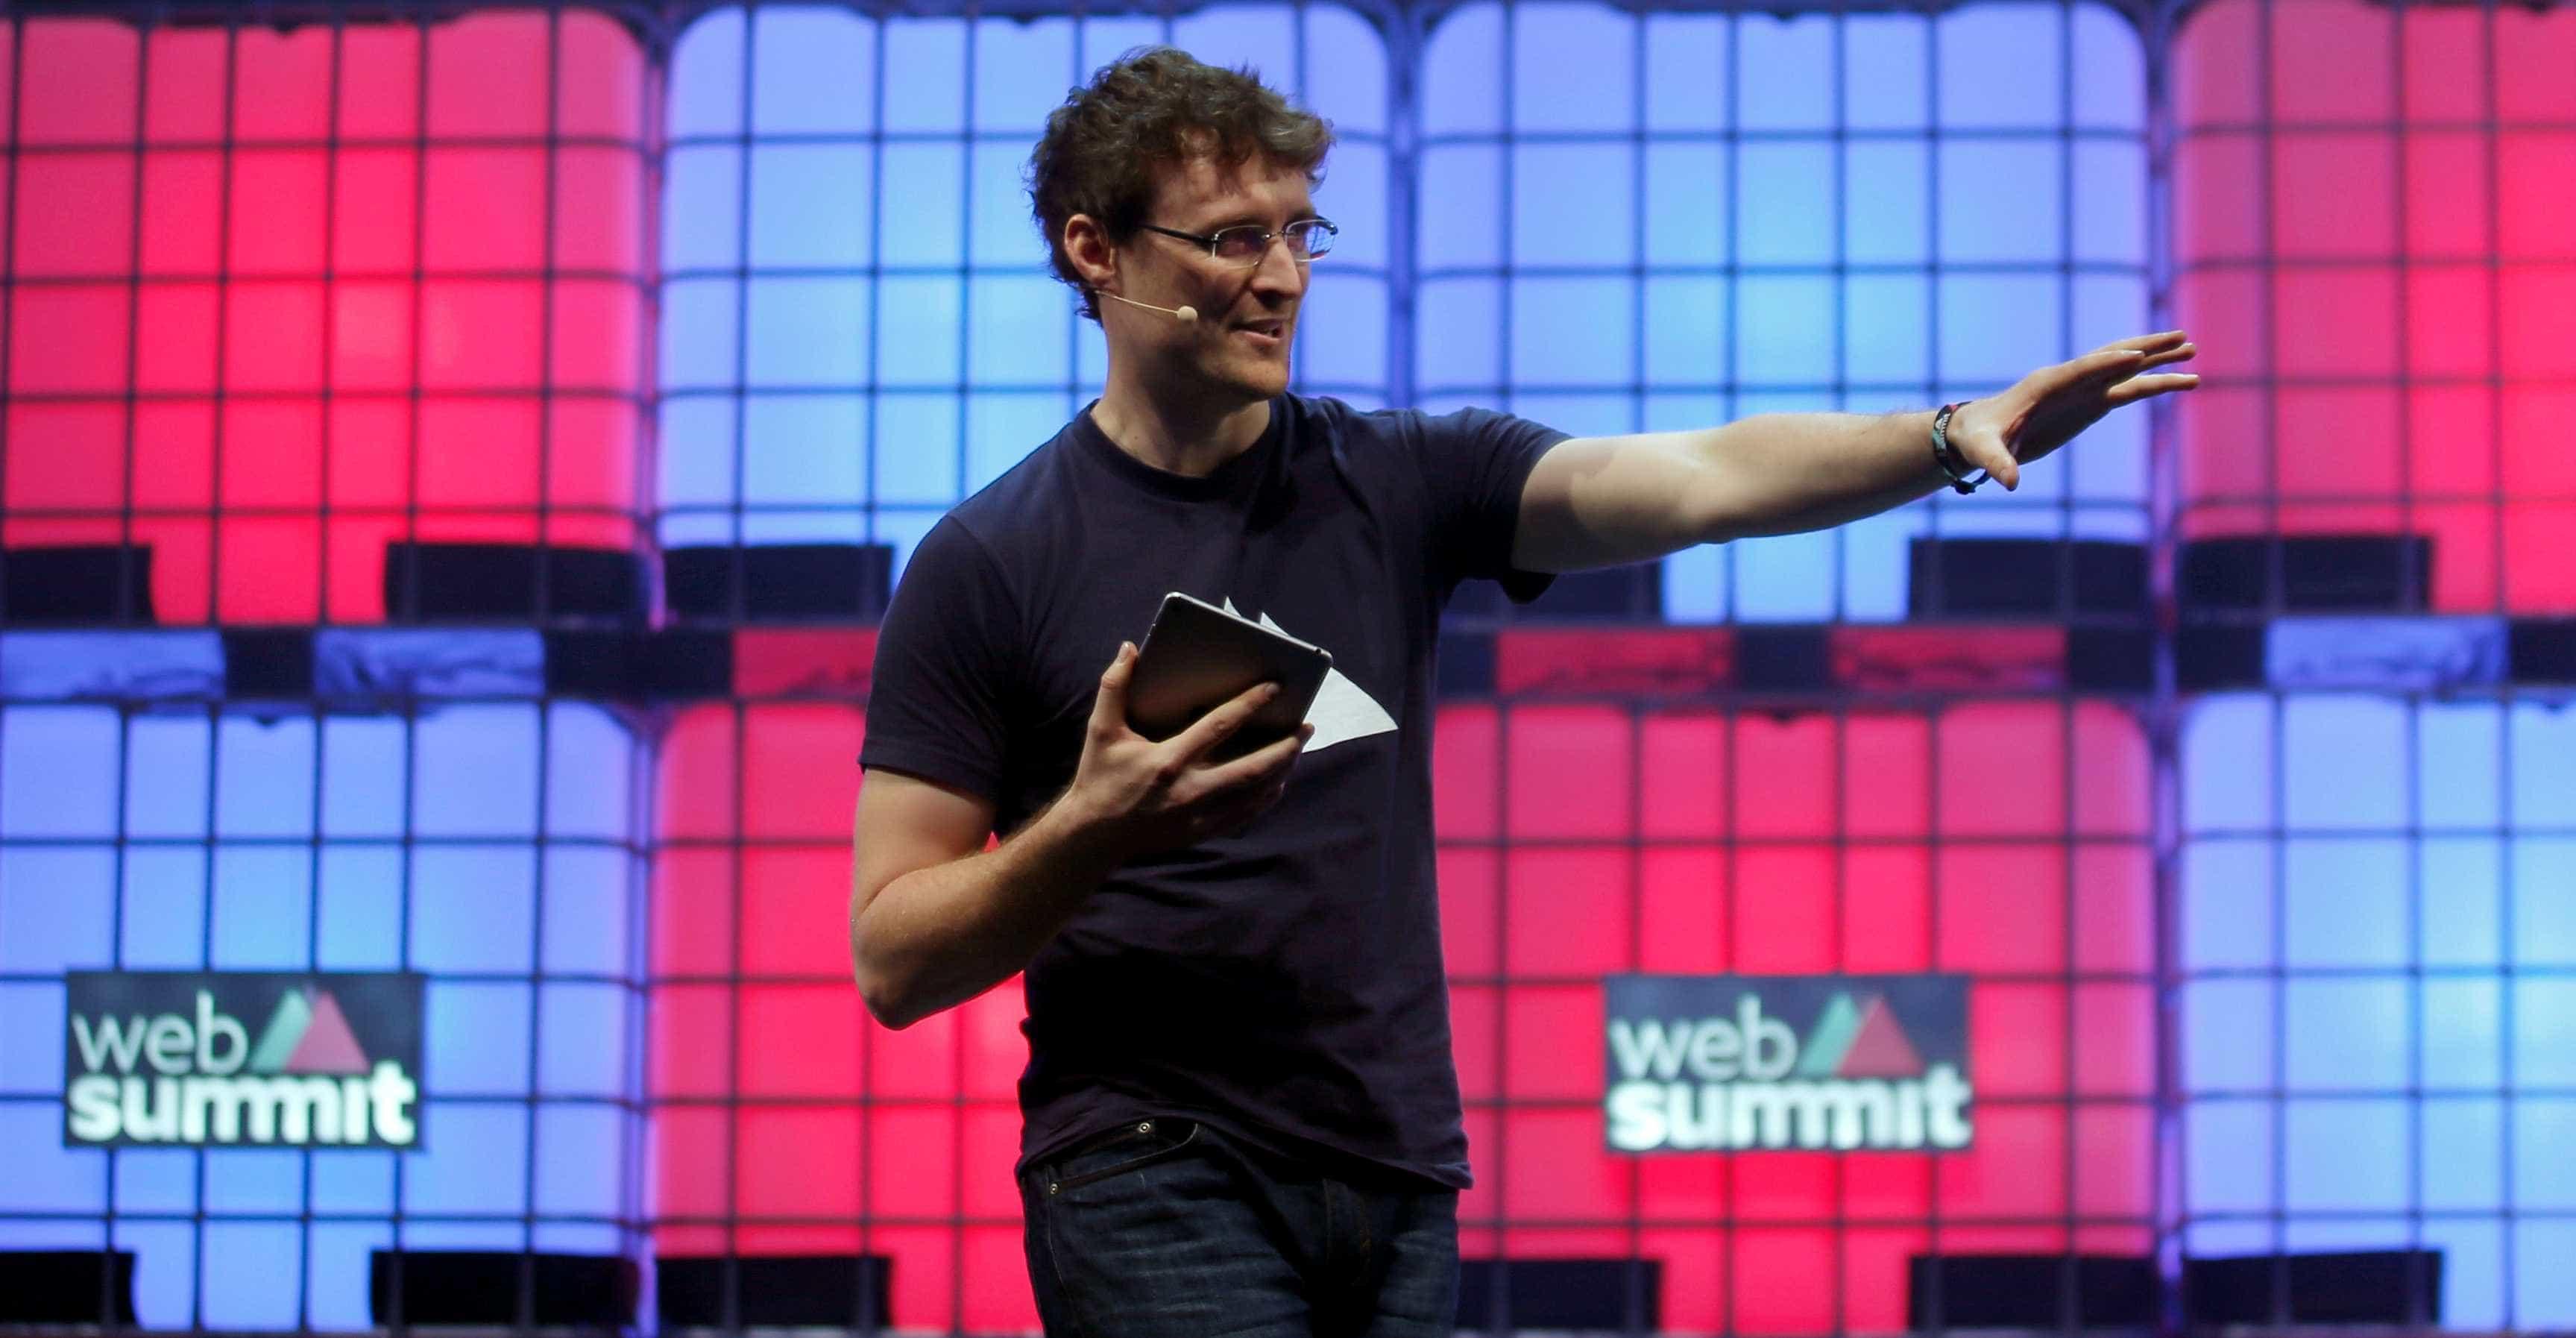 """Web Summit: Relação com o Governo continuará no """"bom caminho"""""""